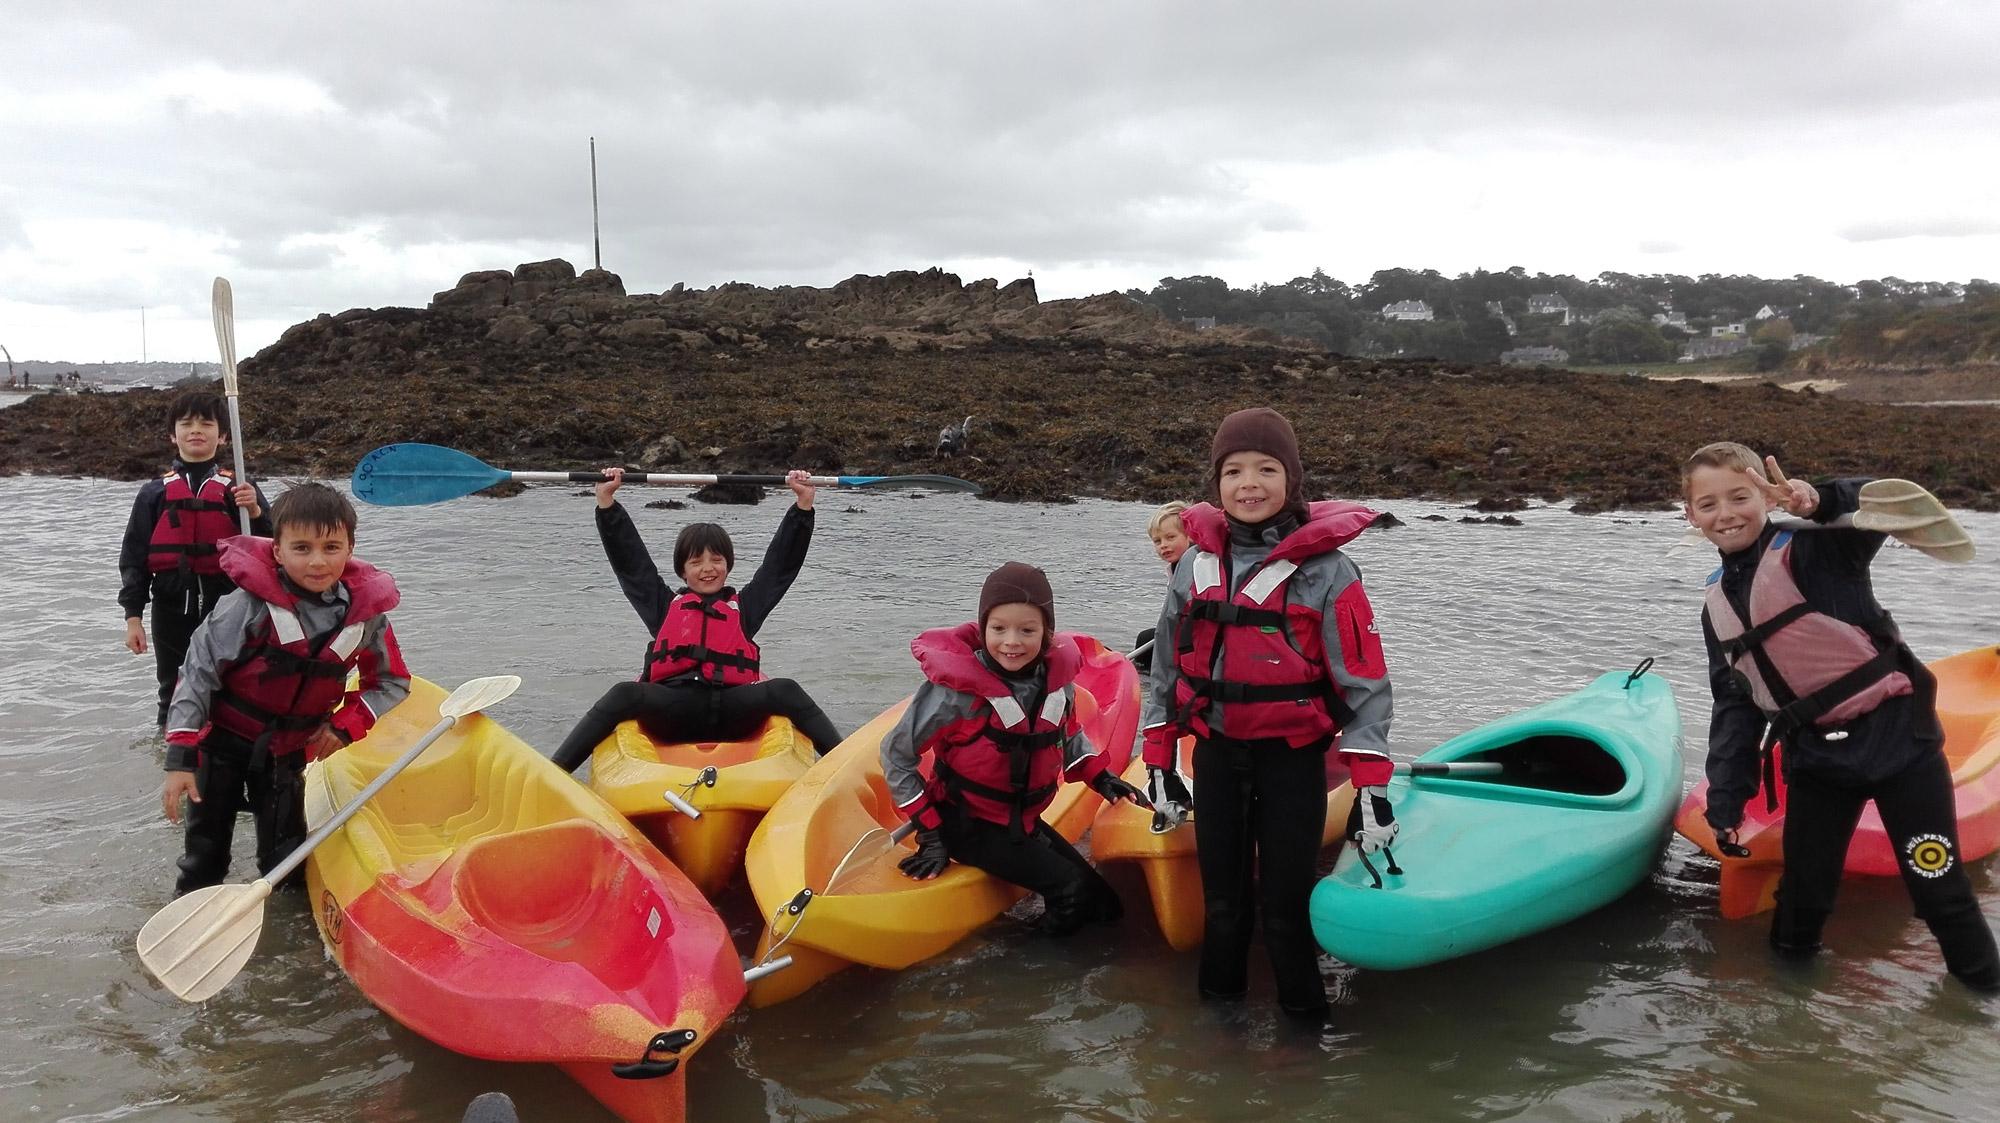 Mercredi nautique - Voile et kayak - Pratique annuelle à Carantec